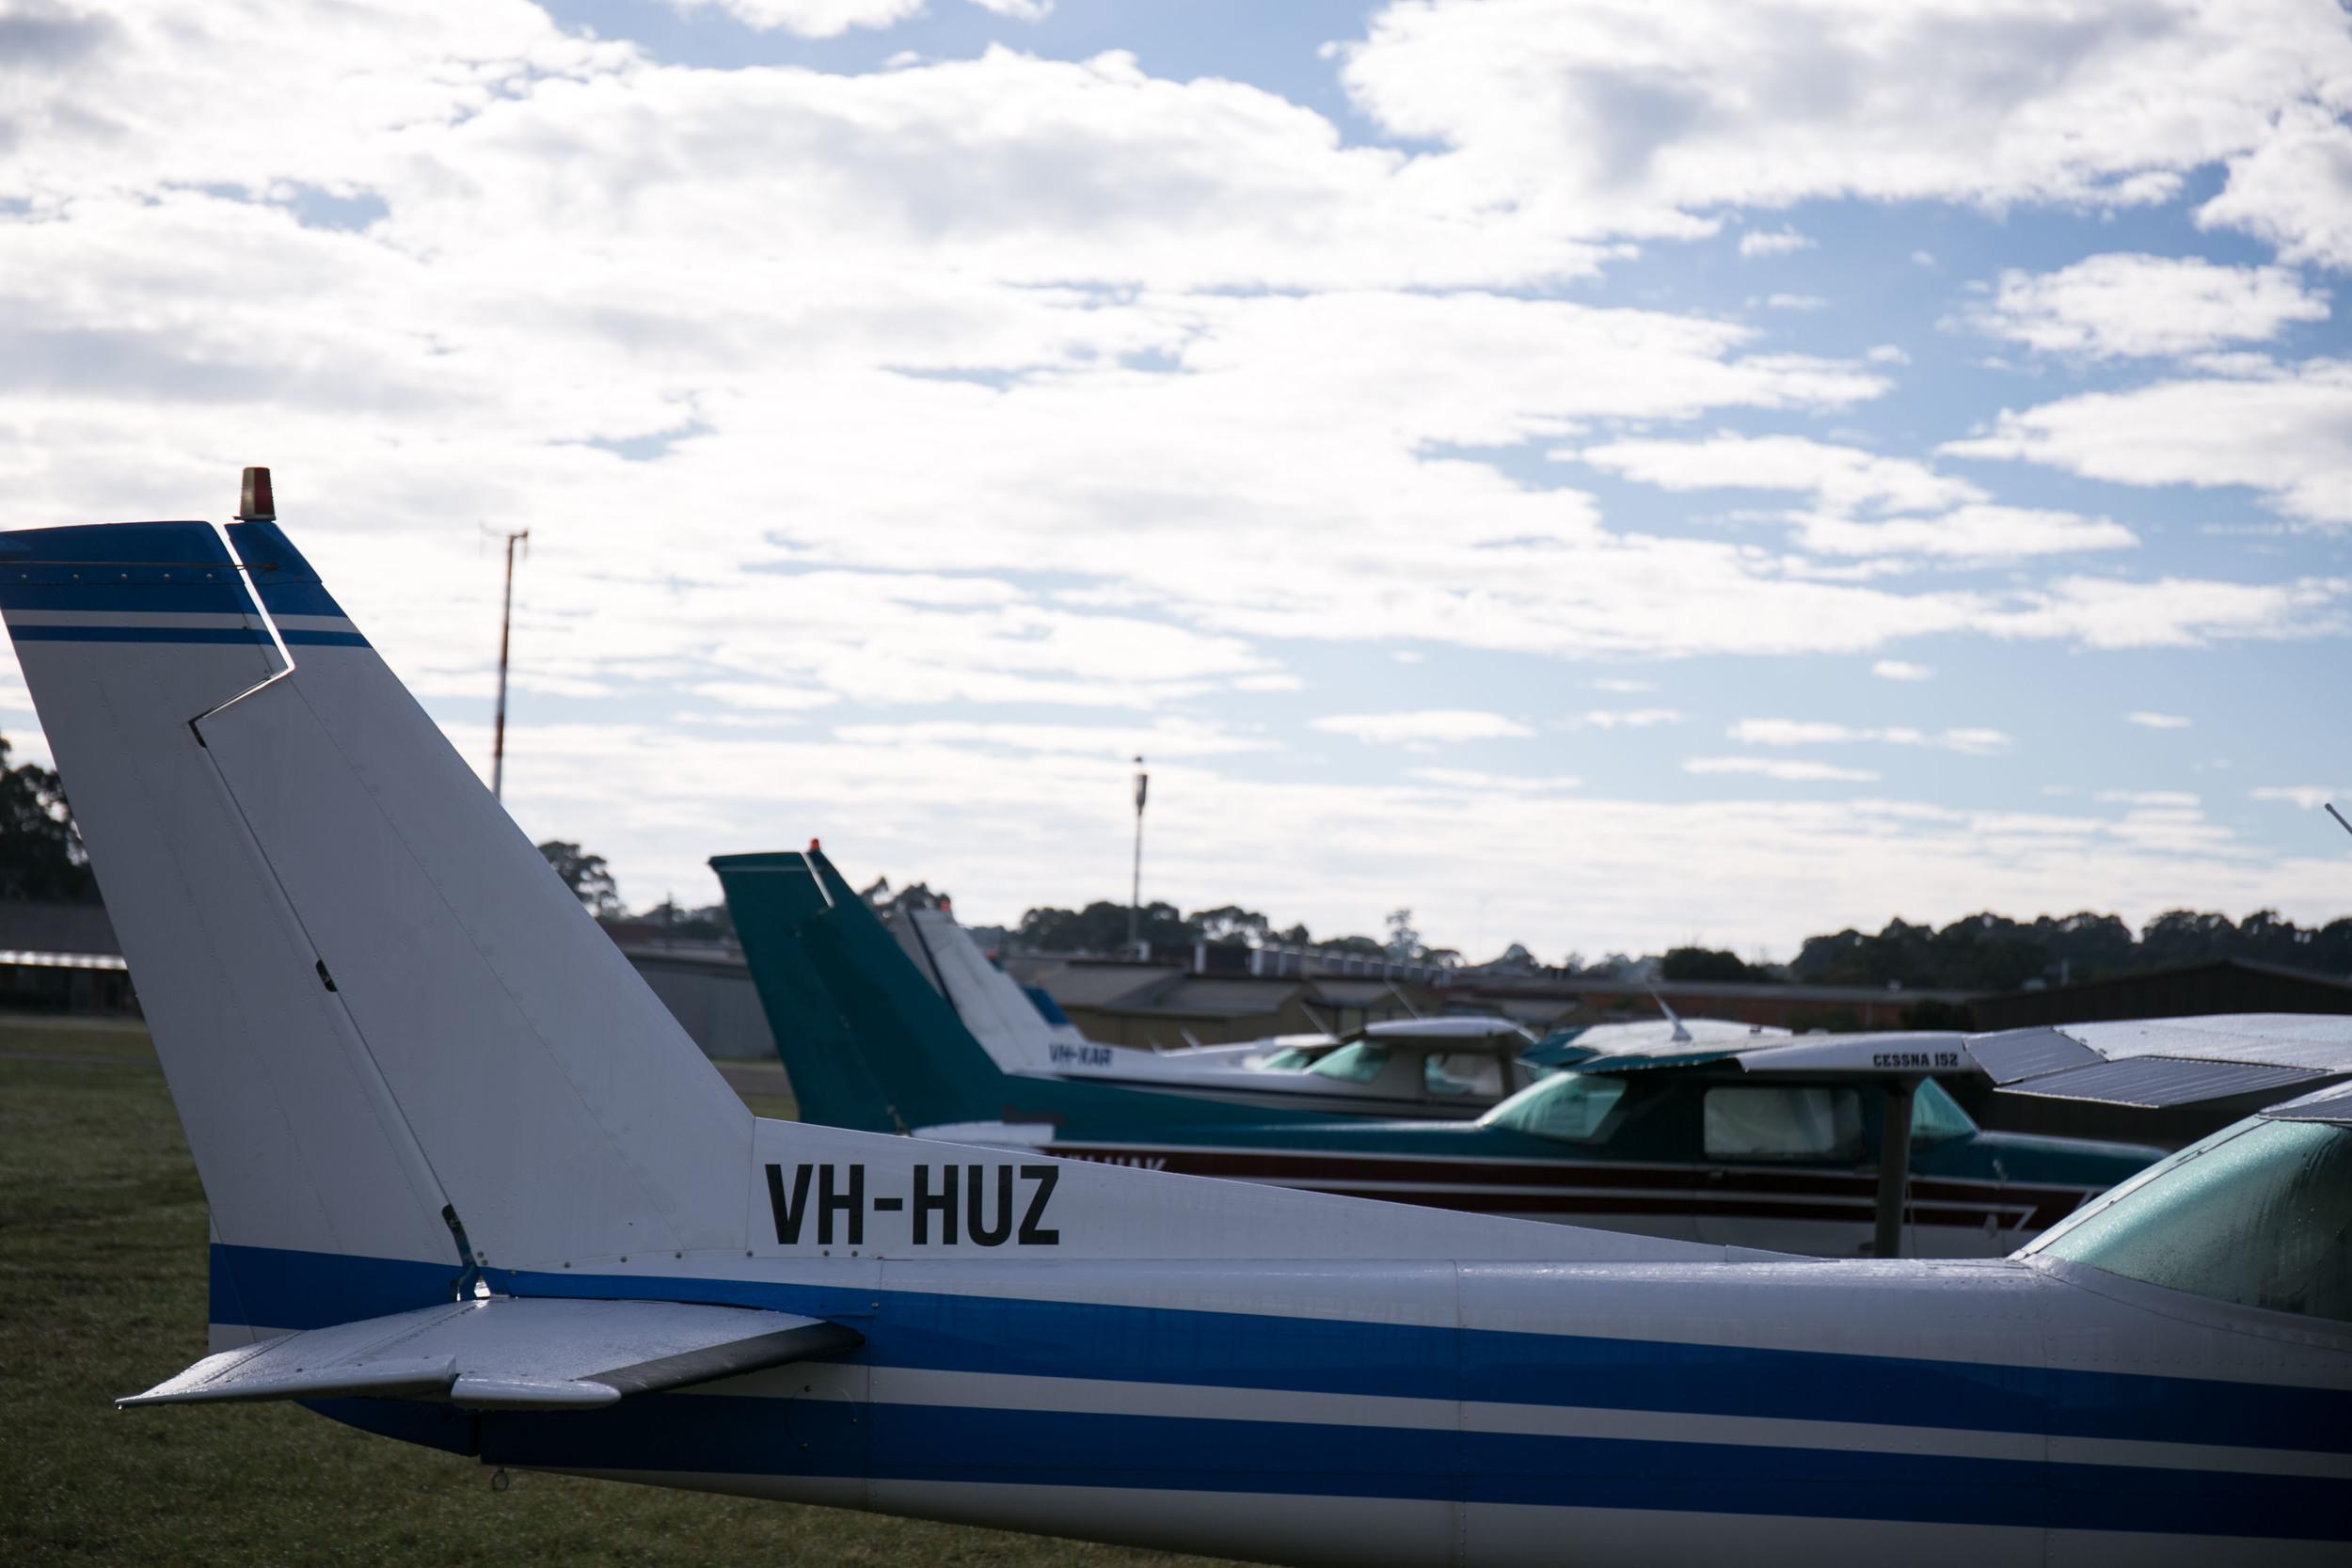 in_venus_Veritas_pilots_BANKSTOWN_AIRPORT-7.jpg